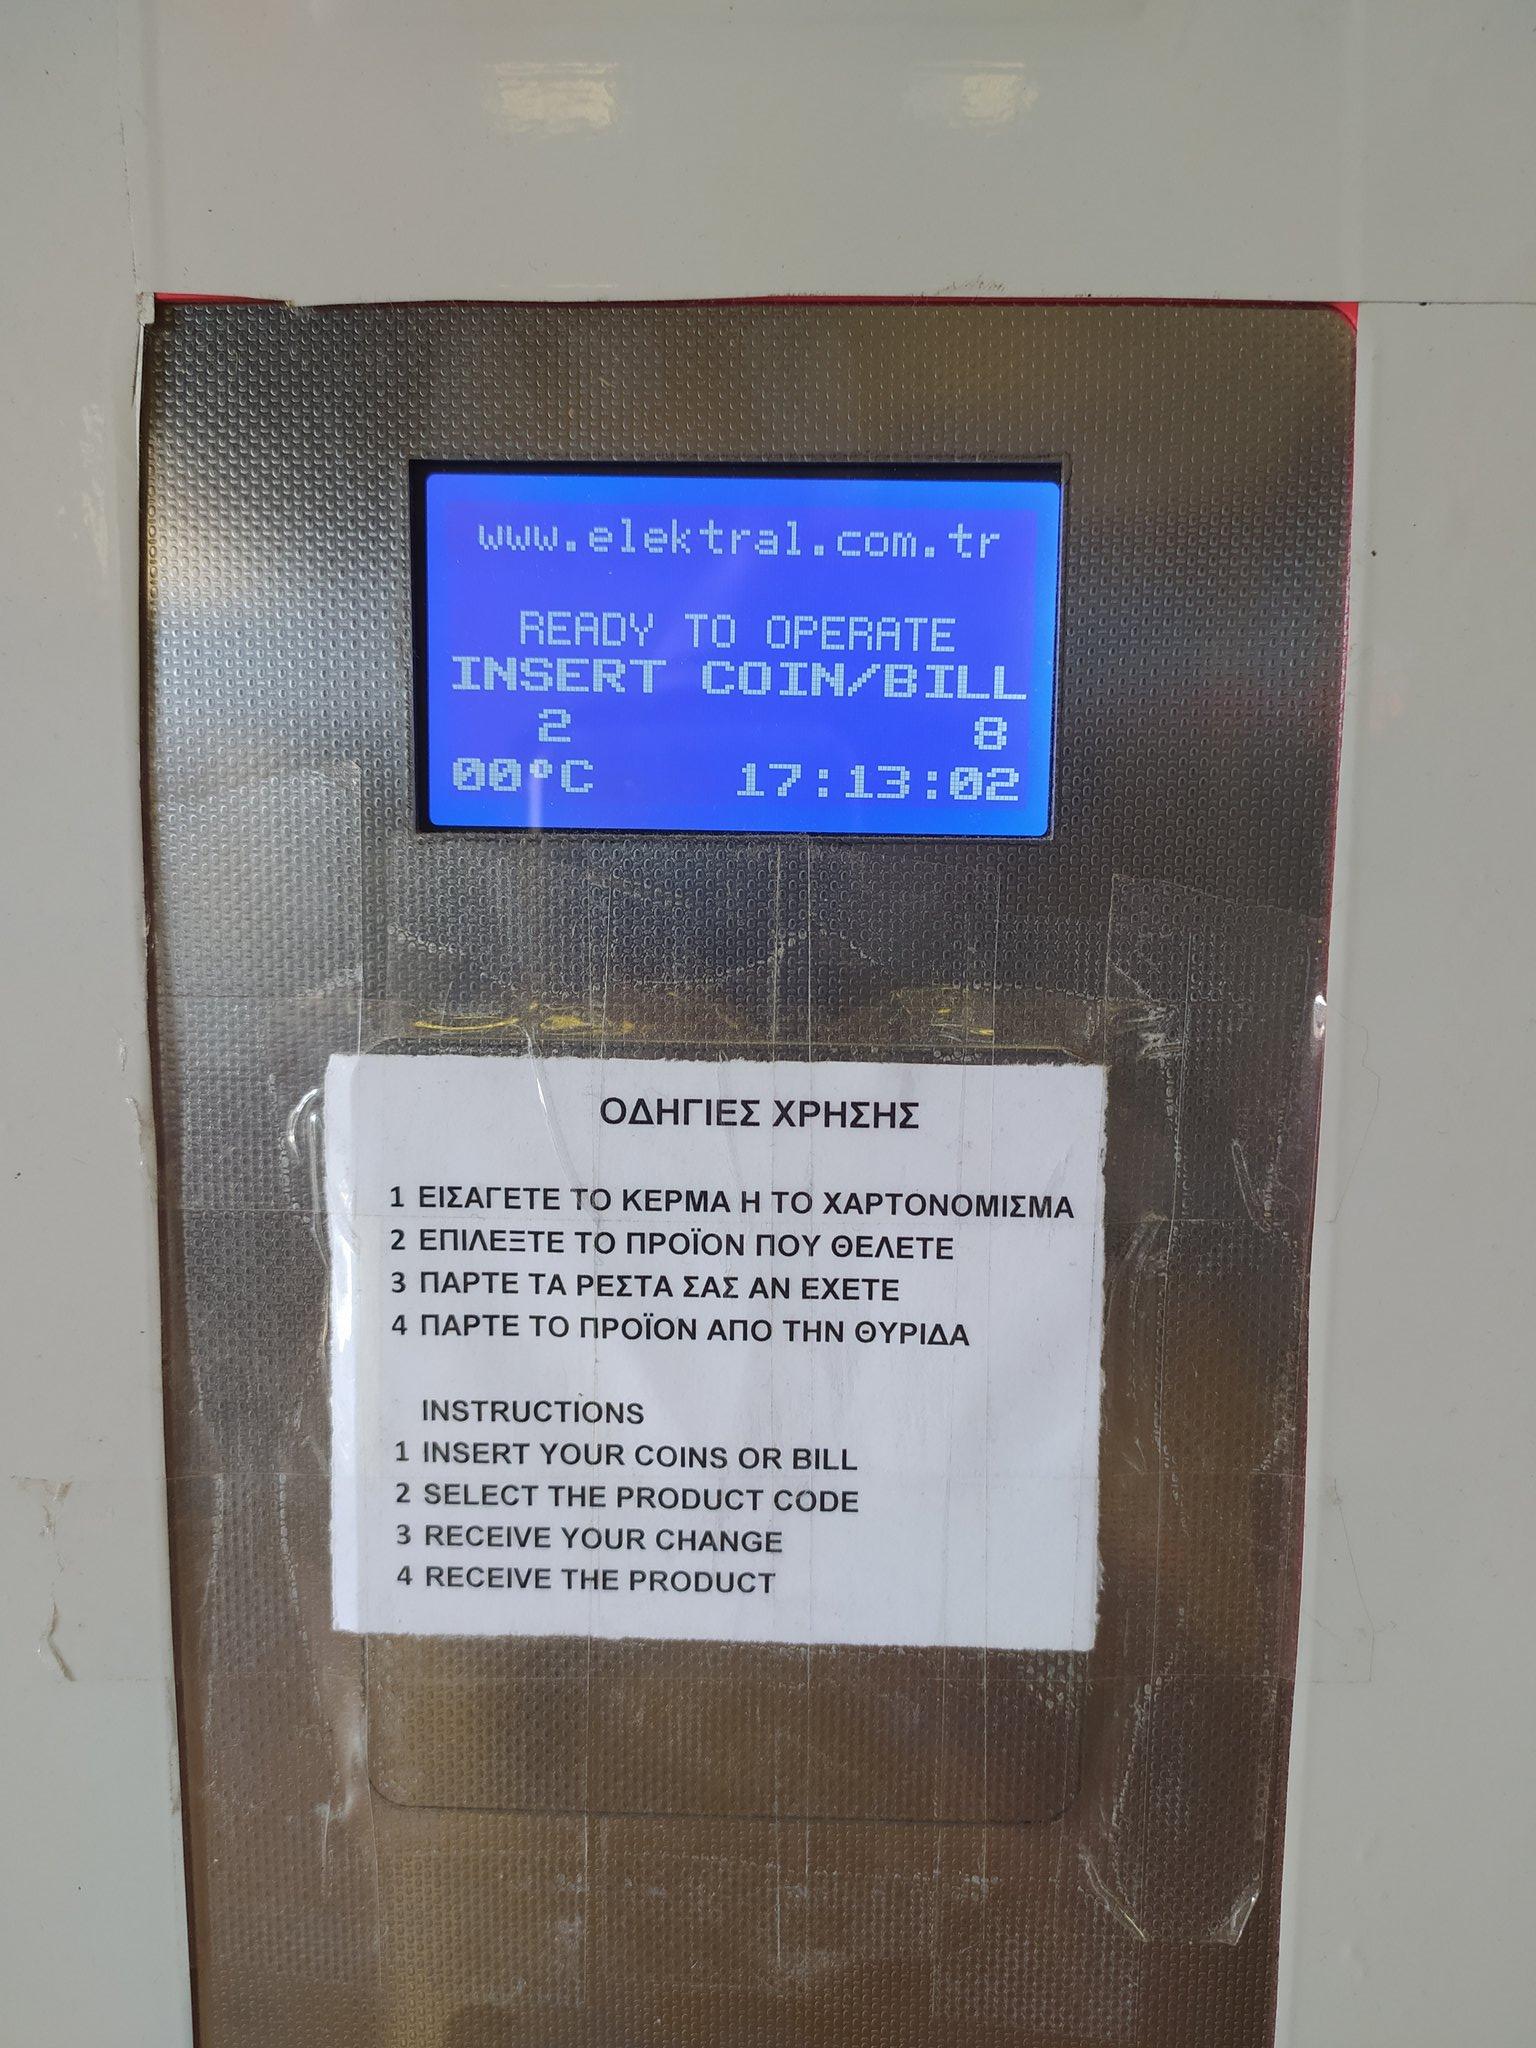 ΤΡΑΙΝΟΣΕ: Στον Σταθμό Λαρίσης στην υπάρχει μηχάνημα αυτόματης αγοράς αντισηπτικών στο οποίο υπάρχει φωτογραφία του δικτάτορα Κεμάλ Ατατούρκ!